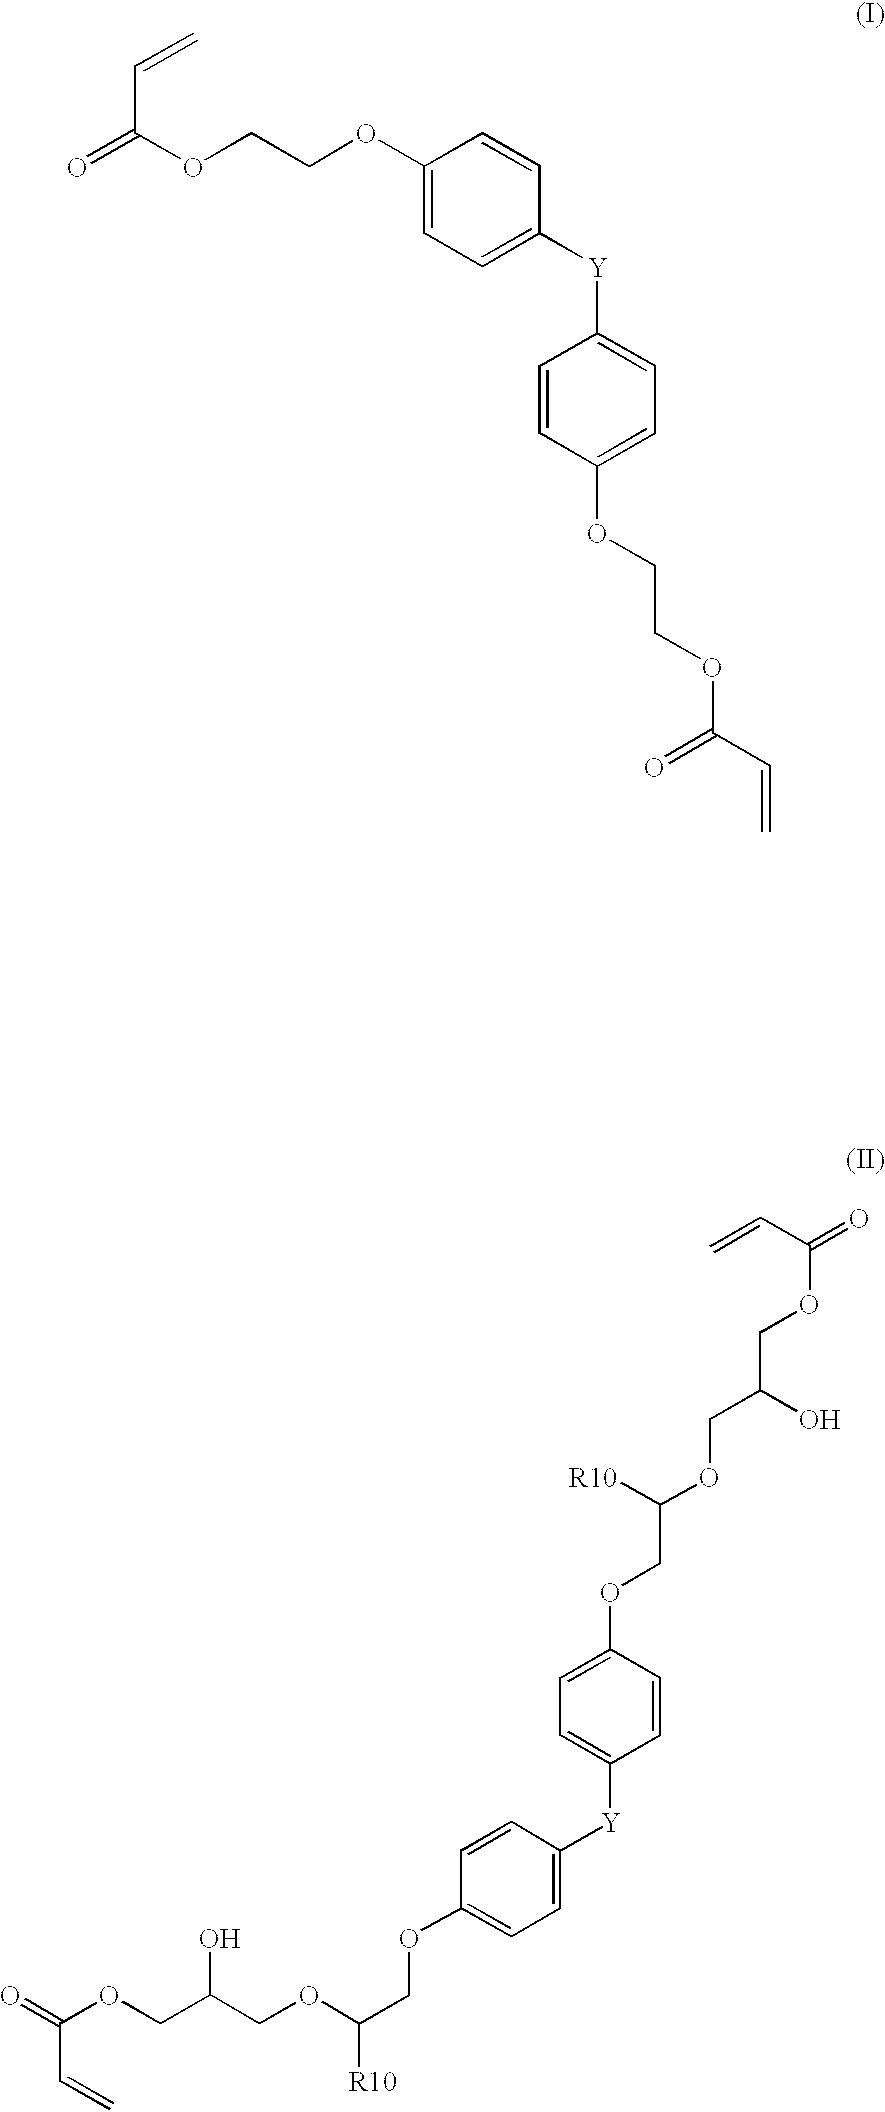 Figure US06749976-20040615-C00002